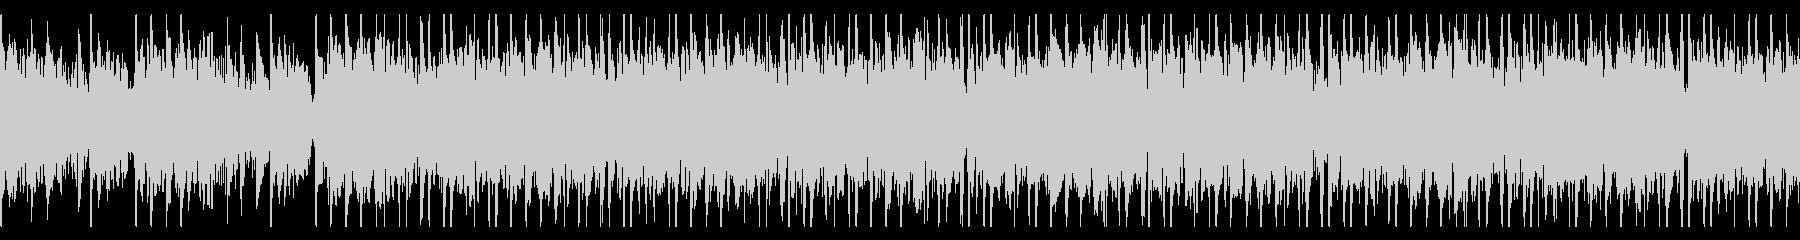 和風/和太鼓/重厚/ループの未再生の波形